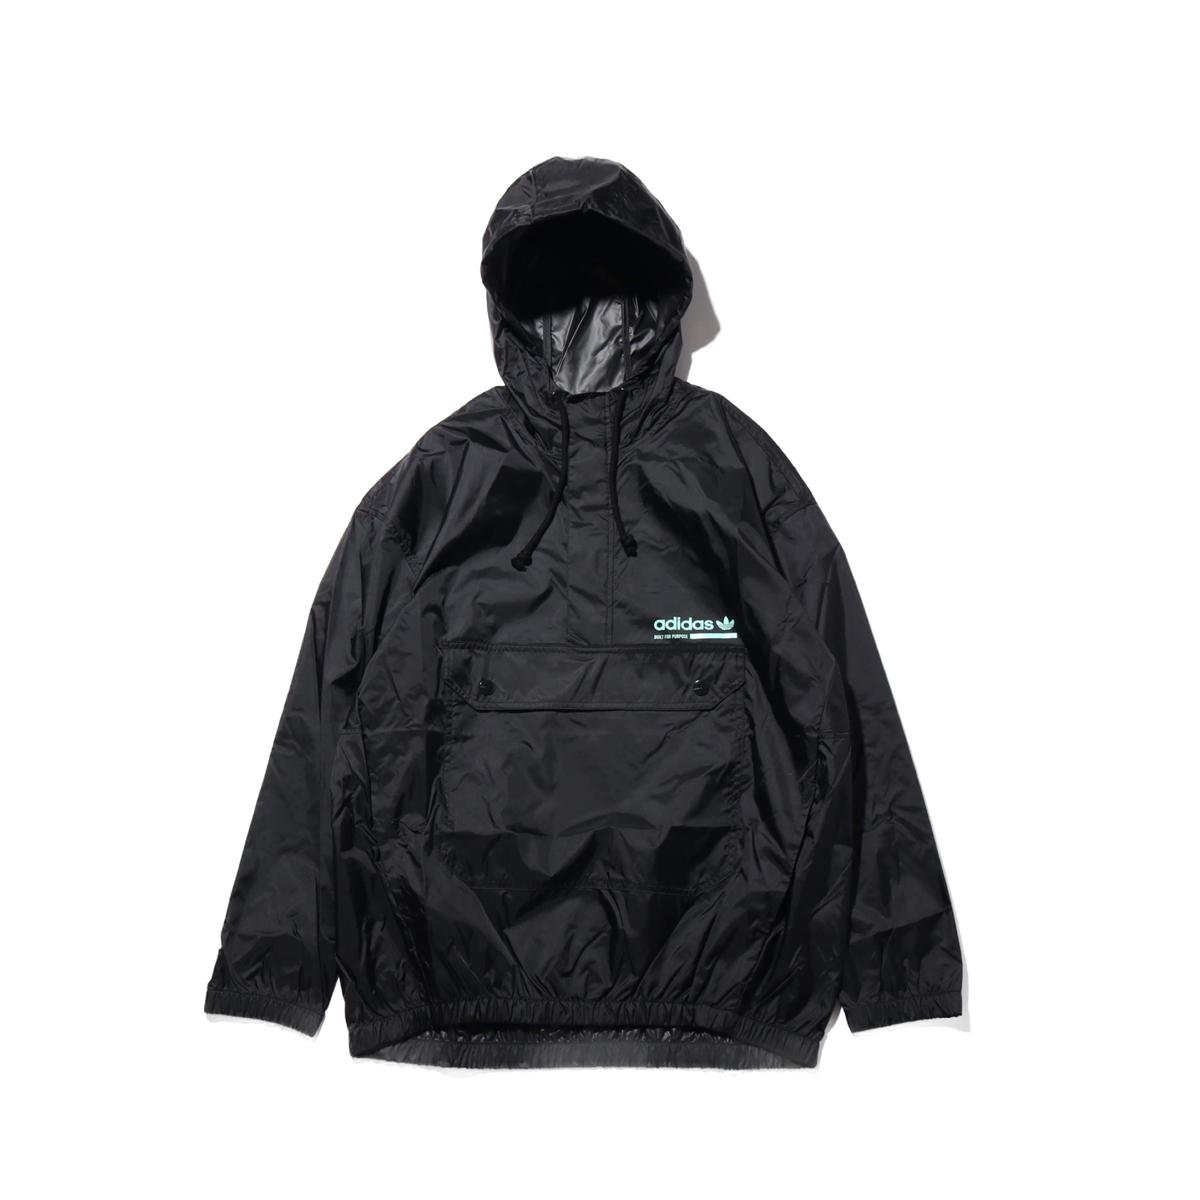 adidas Originals KAVAL GRP WINDBREAKER(アディダス オリジナルス カバルGRPウインドブレーカー)BLACK【メンズ ジャケット】18FW-I